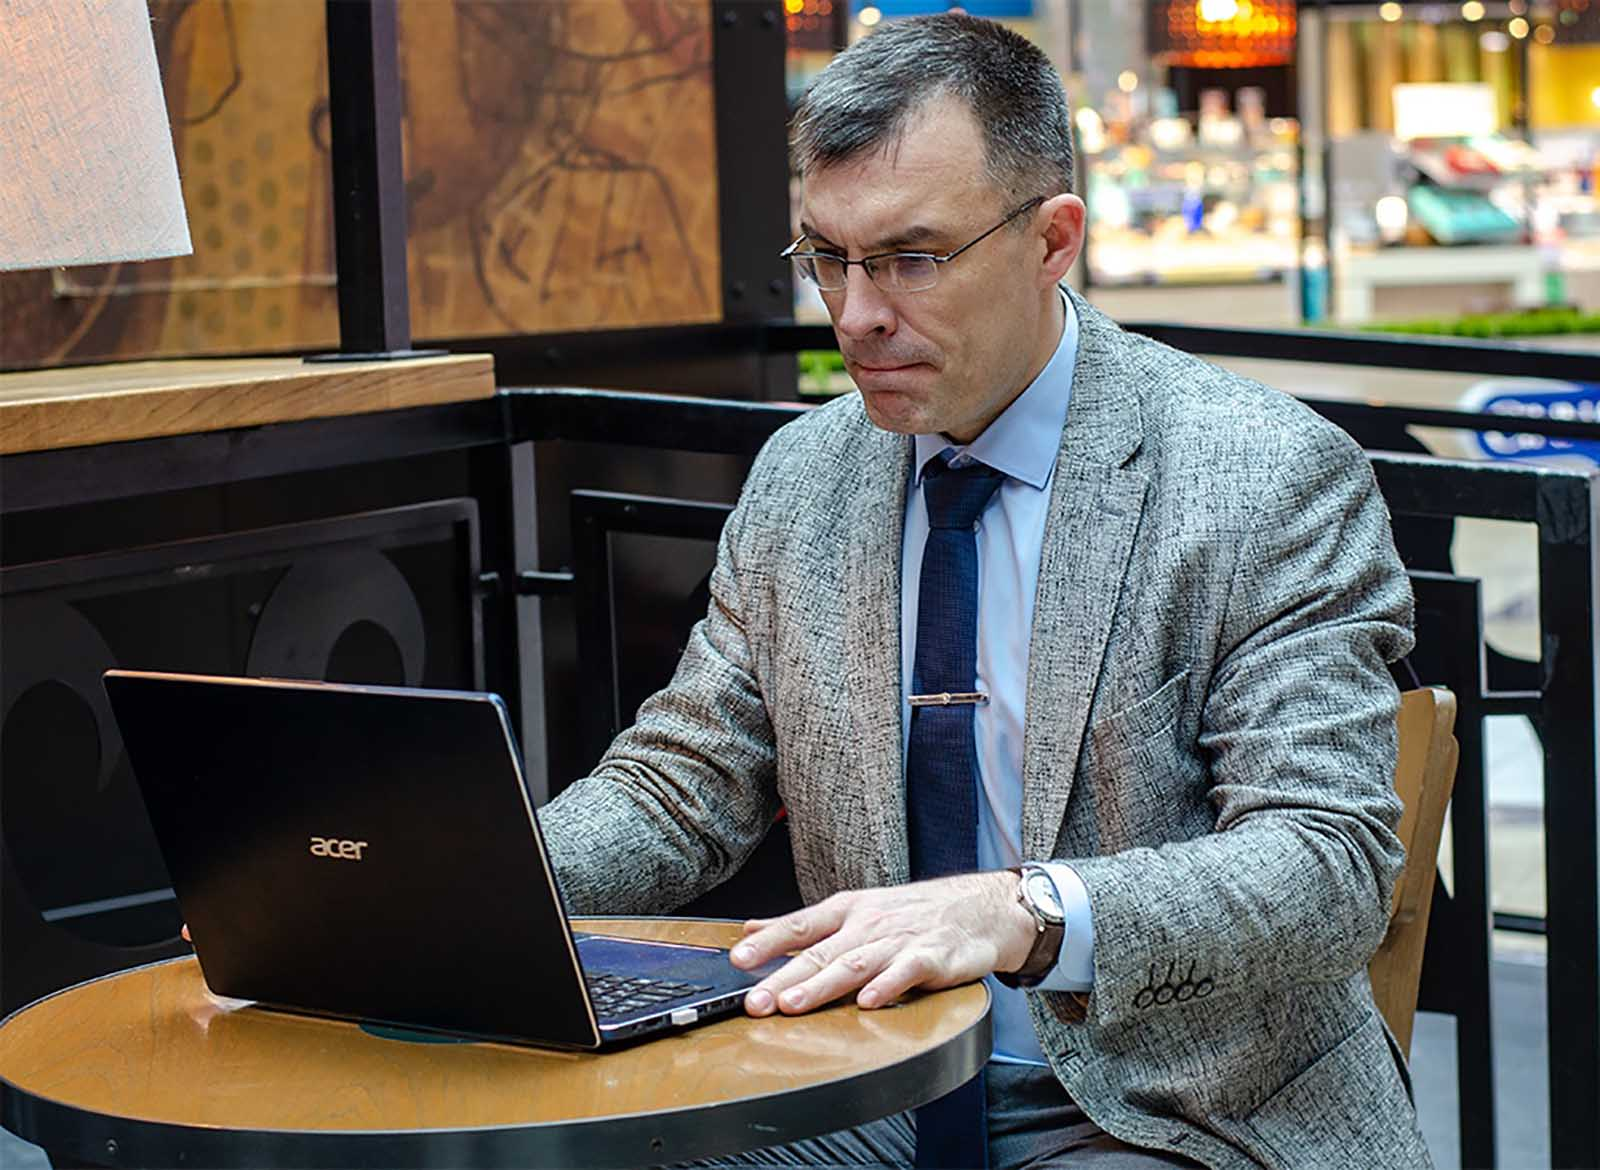 Дмитрий Коткин - эксперт в области ведения переговоров, организационный консультант